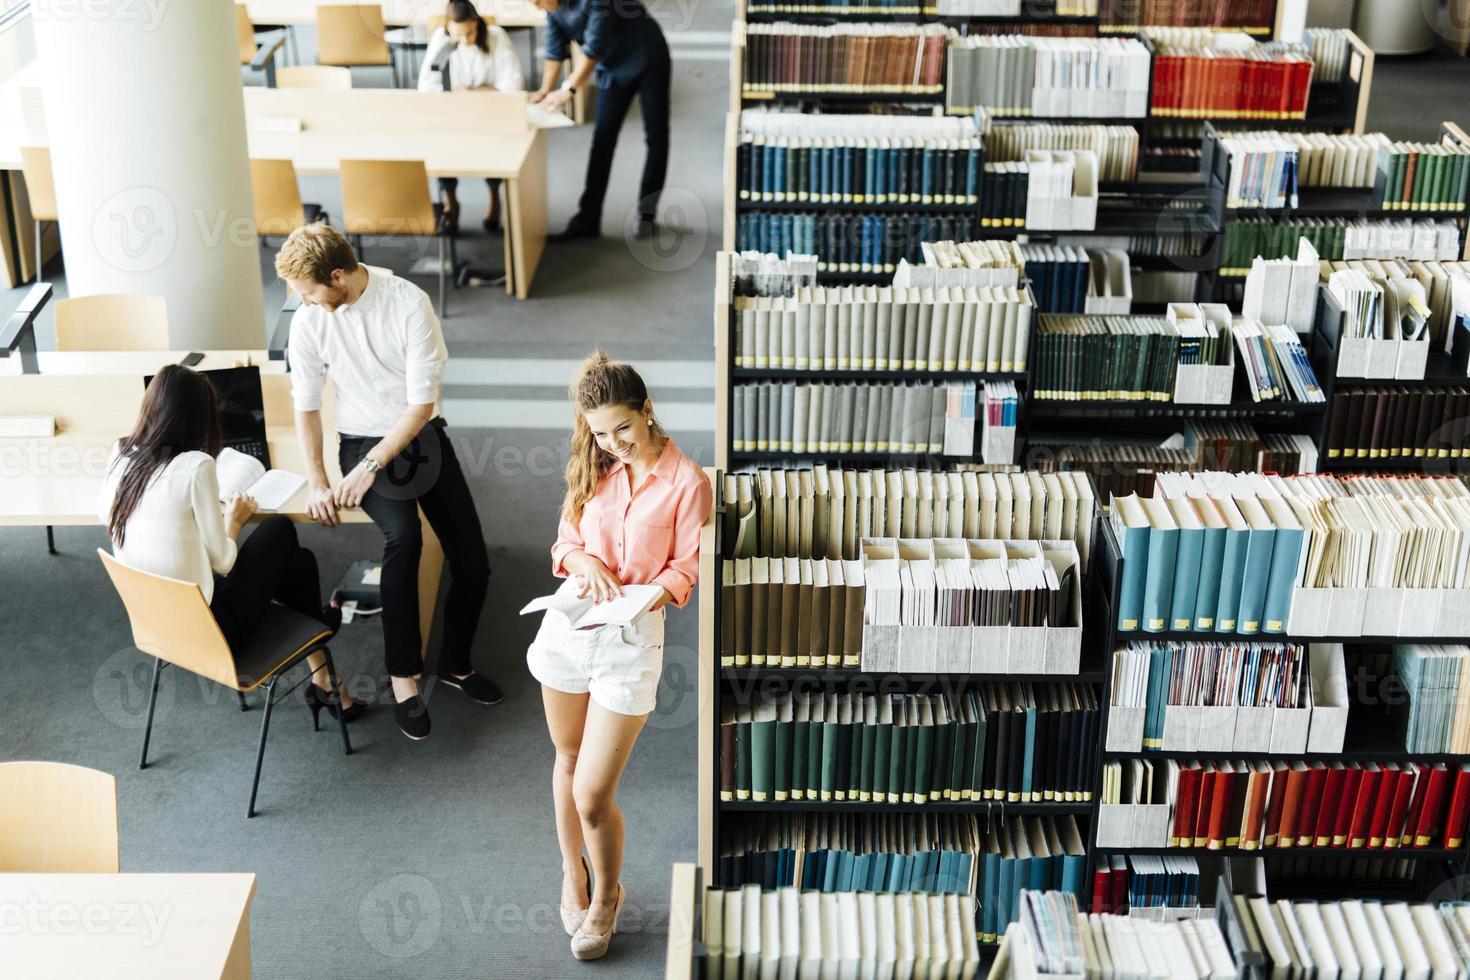 grupo de estudantes estudando em uma biblioteca foto